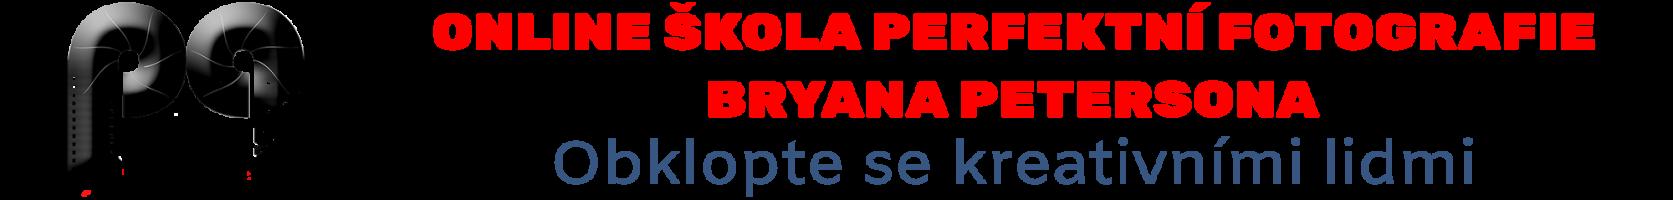 Online Škola Perfektní Fotografie | PPSOP.cz